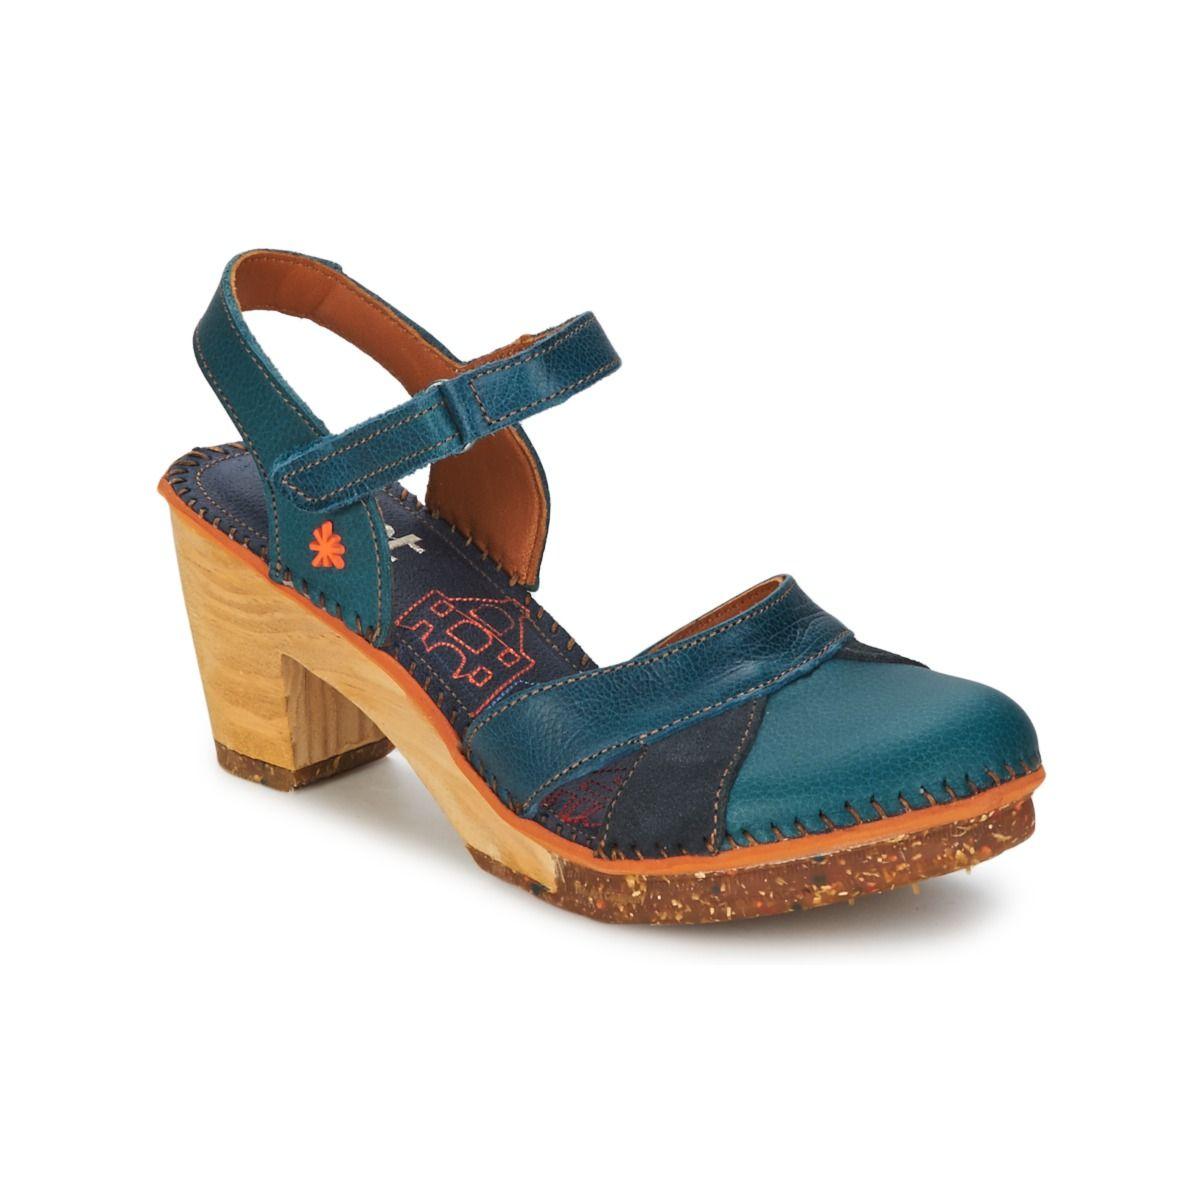 Chaussures Rouges D'art D'amsterdam Pour L'été Avec Boucle Pour Femmes CBGEeEegqb